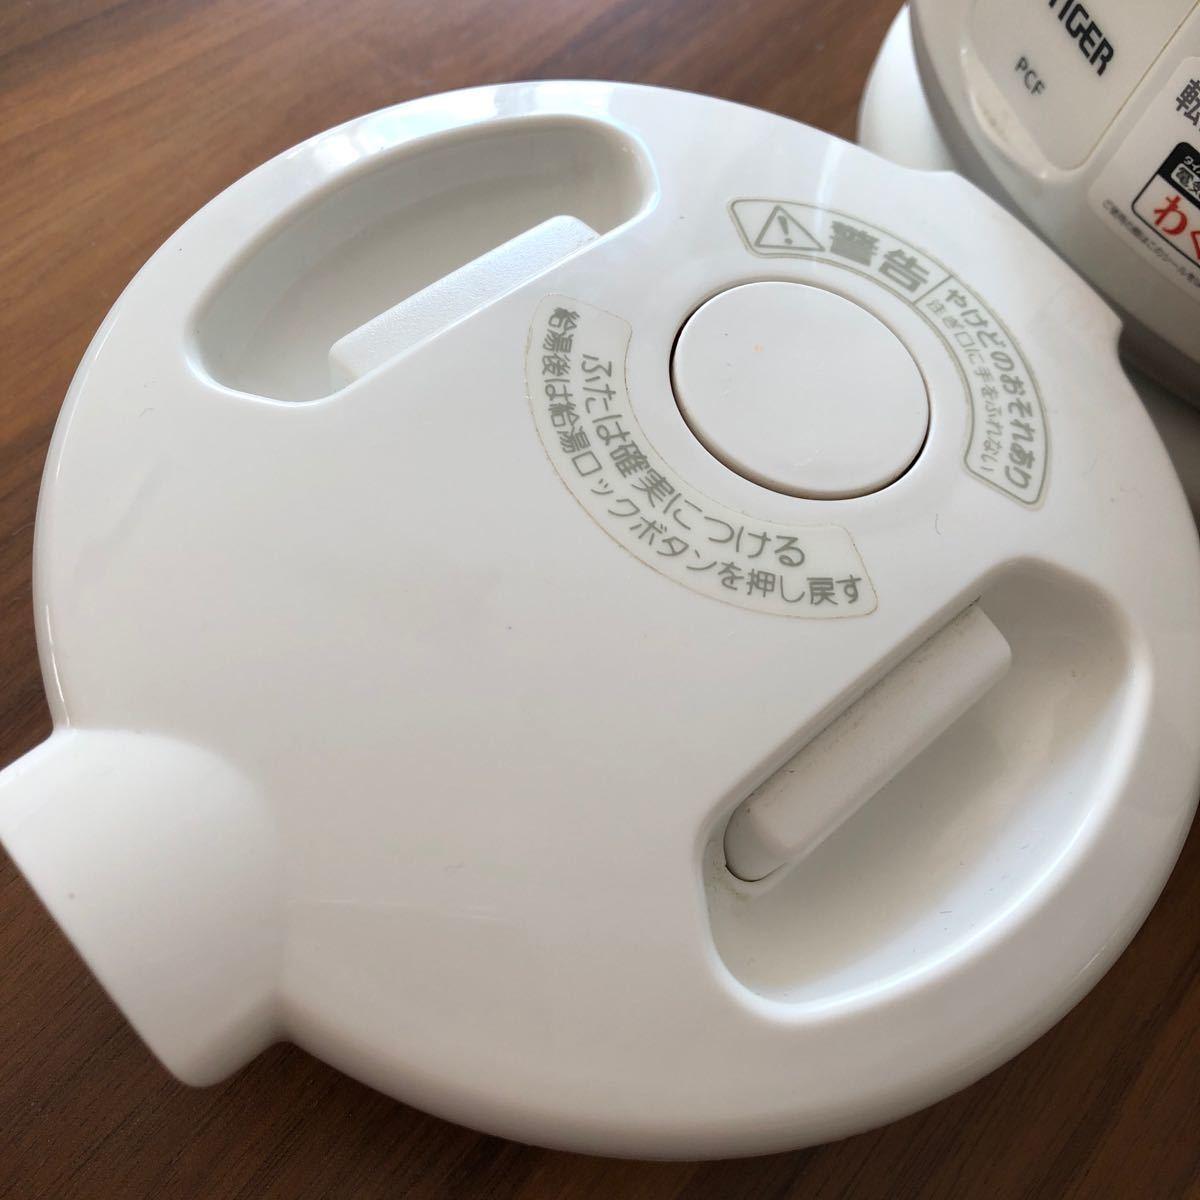 PCF-G060 わく子 タイガー電気ケトル